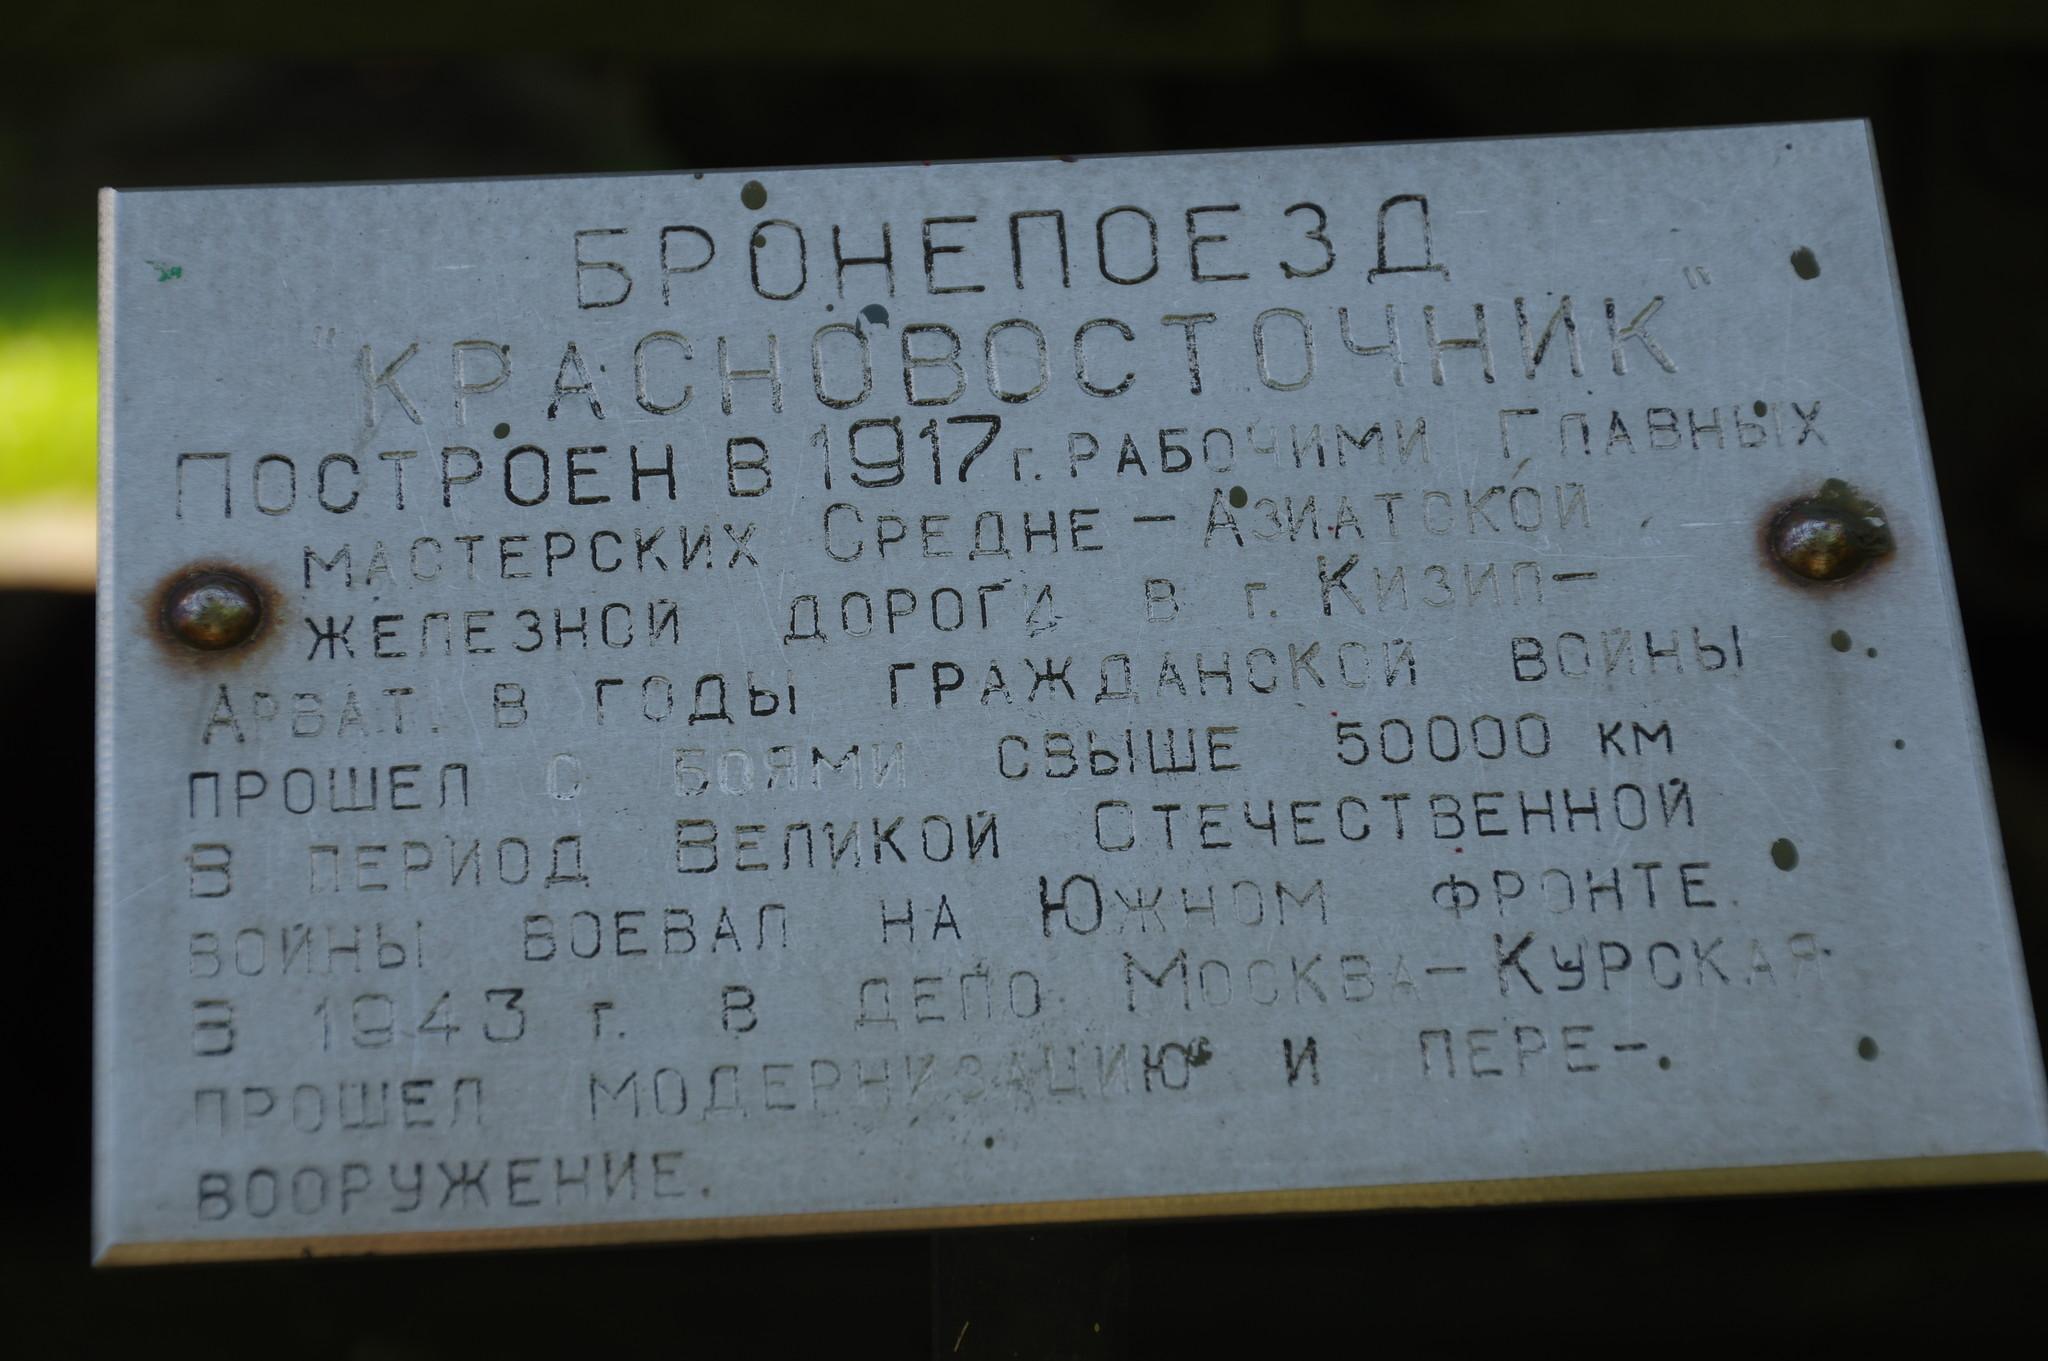 Бронепоезд «Красновосточник» (открытая площадка экспозиции военной техники Центрального музея Вооружённых Сил)